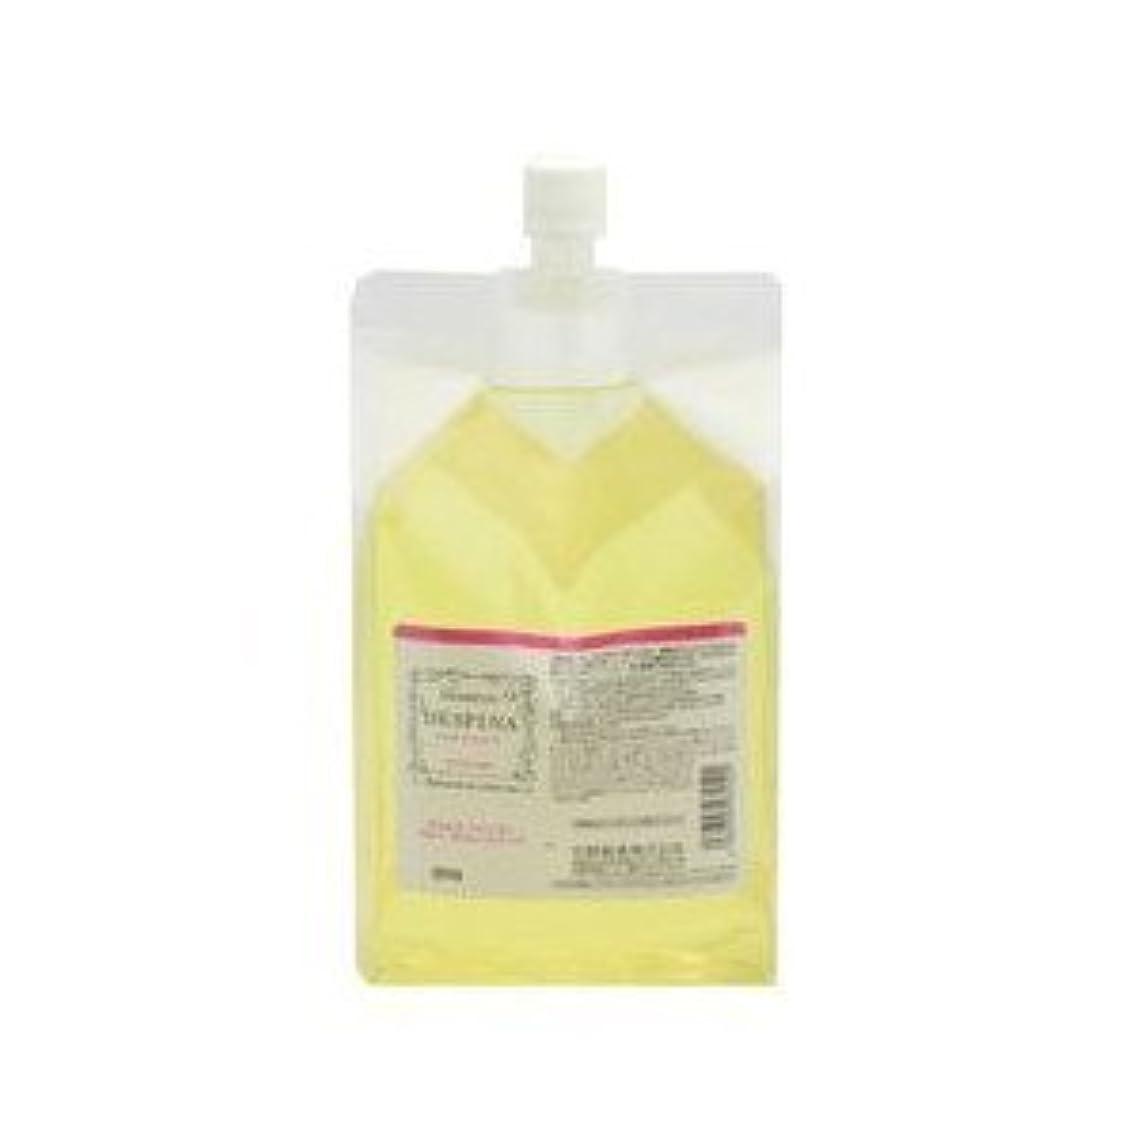 便利さ好戦的な流行している中野製薬 デスピナ シャンプー カラー ボリュームアップ 1500ml